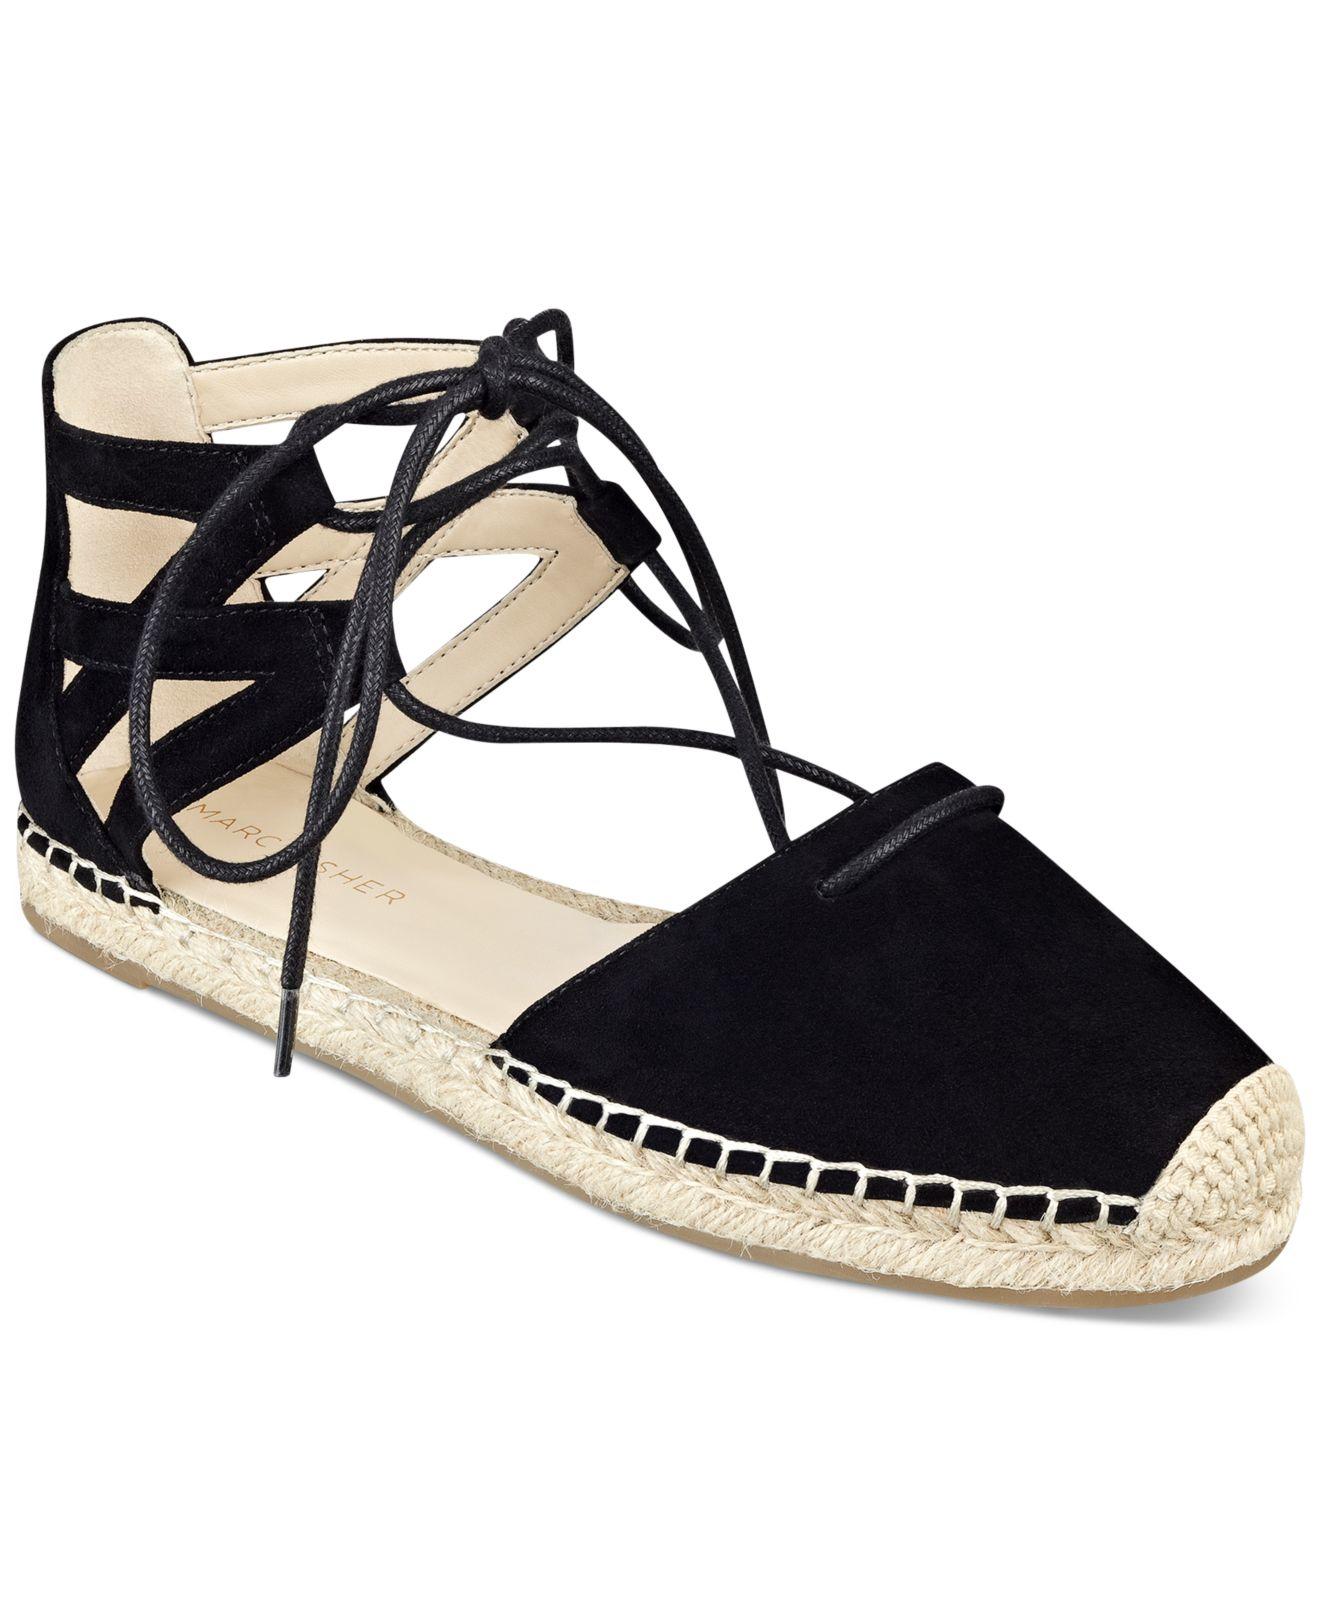 bc8af6b4432 Lyst - Marc Fisher Misses Lace-up Espadrille Sandals in Black